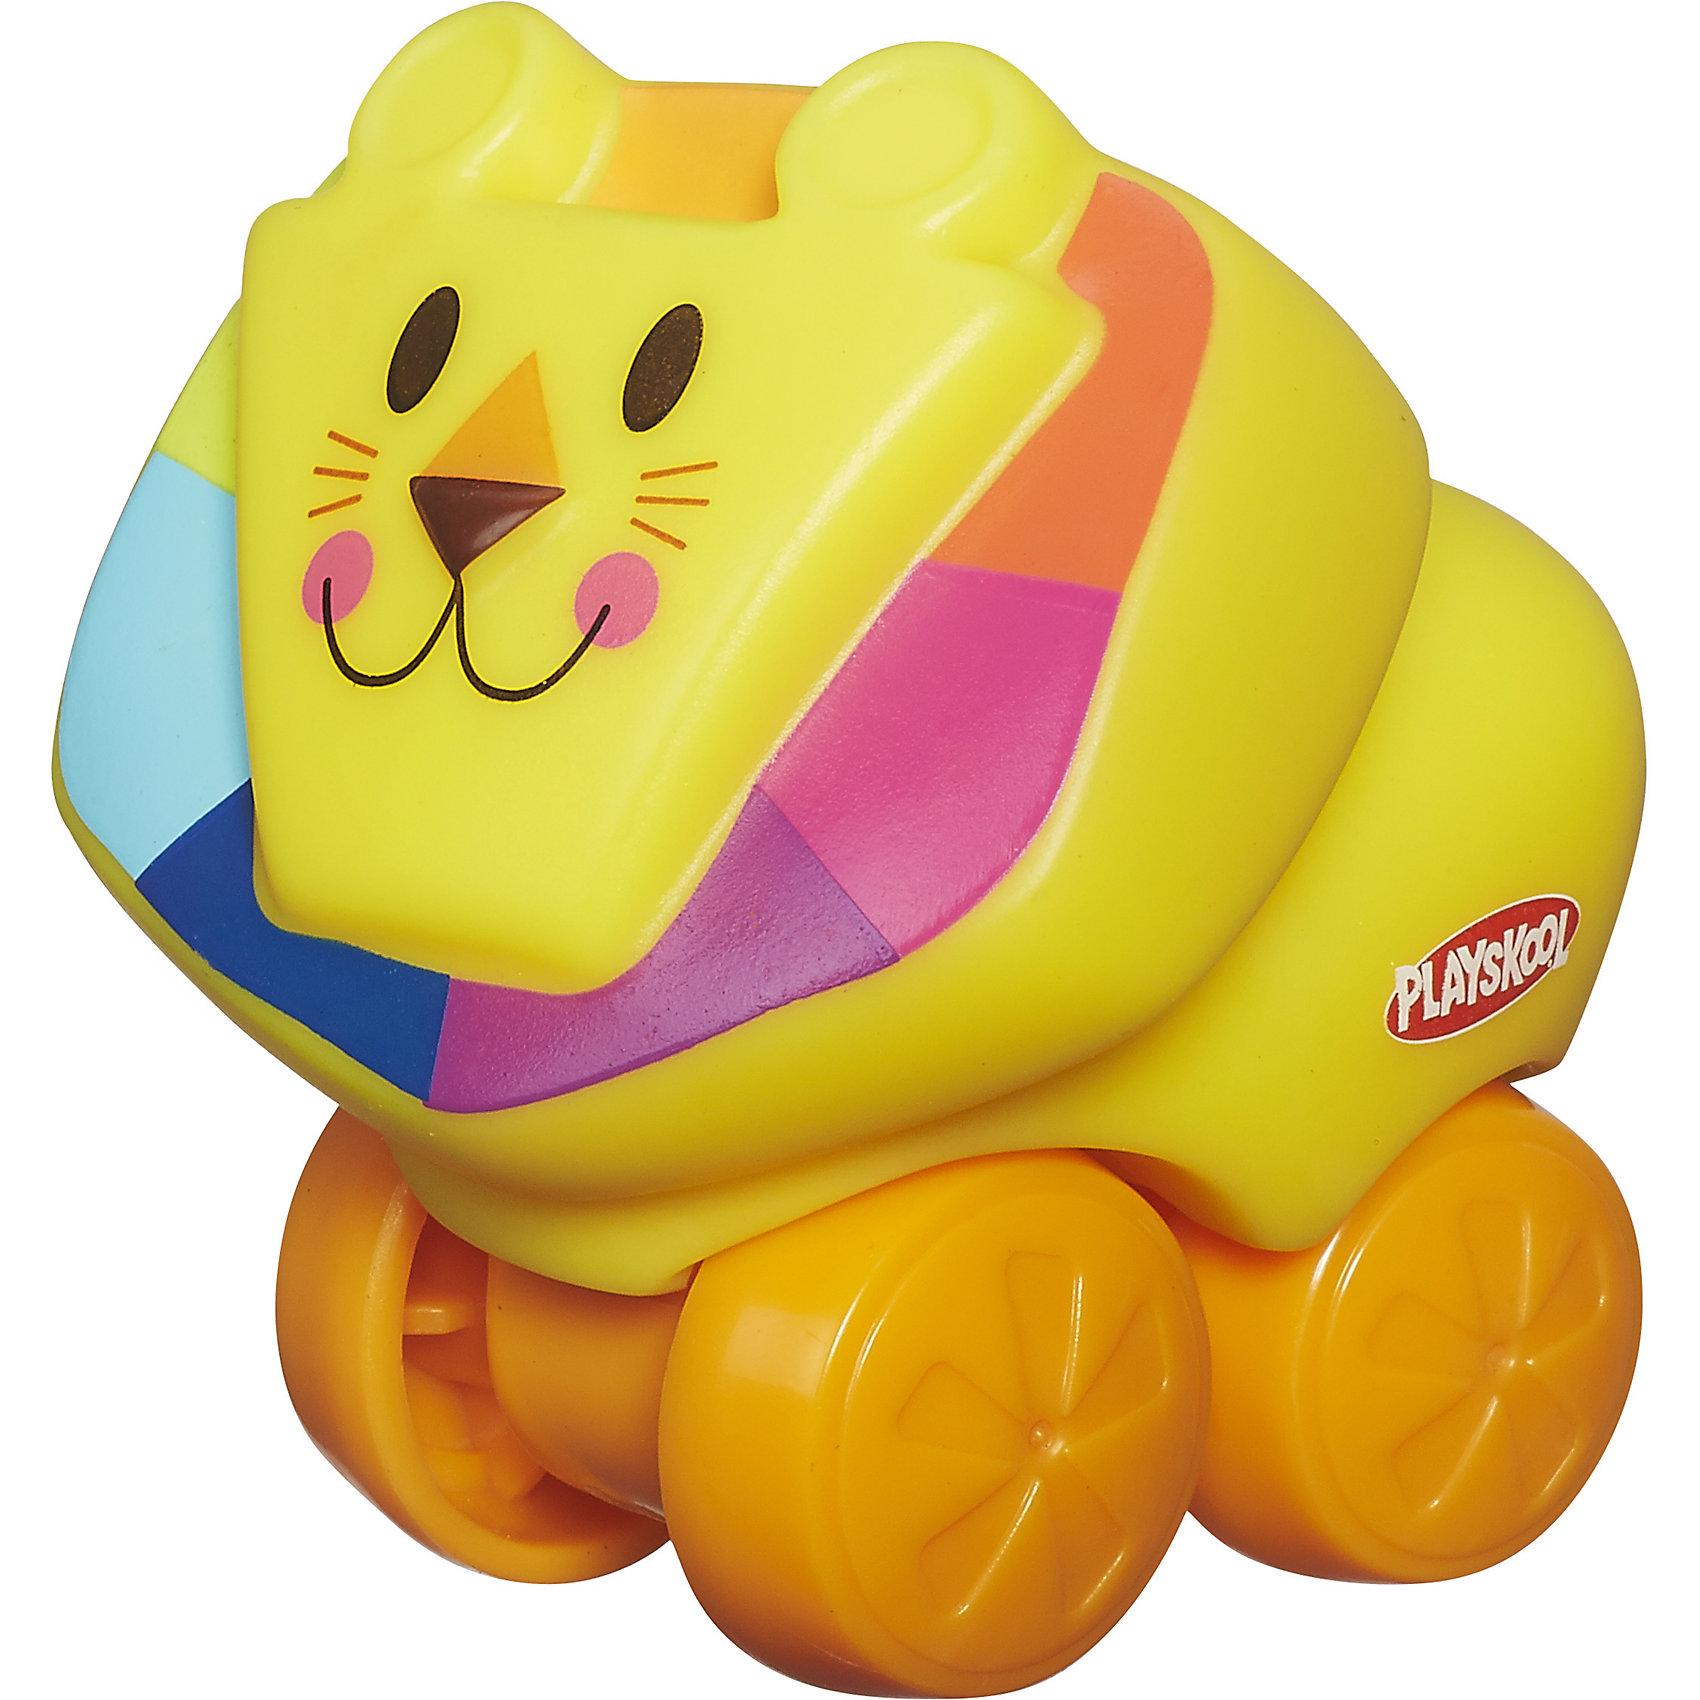 Веселые мини-животные Возьми с собой: Лев, PLAYSKOOLВеселые мини-животные Возьми с собой, PLAYSKOOL, 4843/A7391<br><br>Характеристики:<br><br>• Цвет: желтый<br>• Игрушка: львенок<br>• Каталка на колесиках<br>• Материал: пластик<br><br>Миниатюрная каталка в виде животного подарит малышу море радости и позитива. Сделана игрушка из качественного материала, который не вредит ребенку. Игрушку легко мыть, она не тускнеет и не портится от длительного использования. Такая игрушка сможет развить мелкую моторику рук, благодаря плотному, но не жесткому материалу.<br><br>Веселые мини-животные Возьми с собой, PLAYSKOOL, 4843/A7391 можно купить в нашем интернет-магазине.<br><br>Ширина мм: 76<br>Глубина мм: 54<br>Высота мм: 72<br>Вес г: 54<br>Возраст от месяцев: 12<br>Возраст до месяцев: 36<br>Пол: Унисекс<br>Возраст: Детский<br>SKU: 5177786